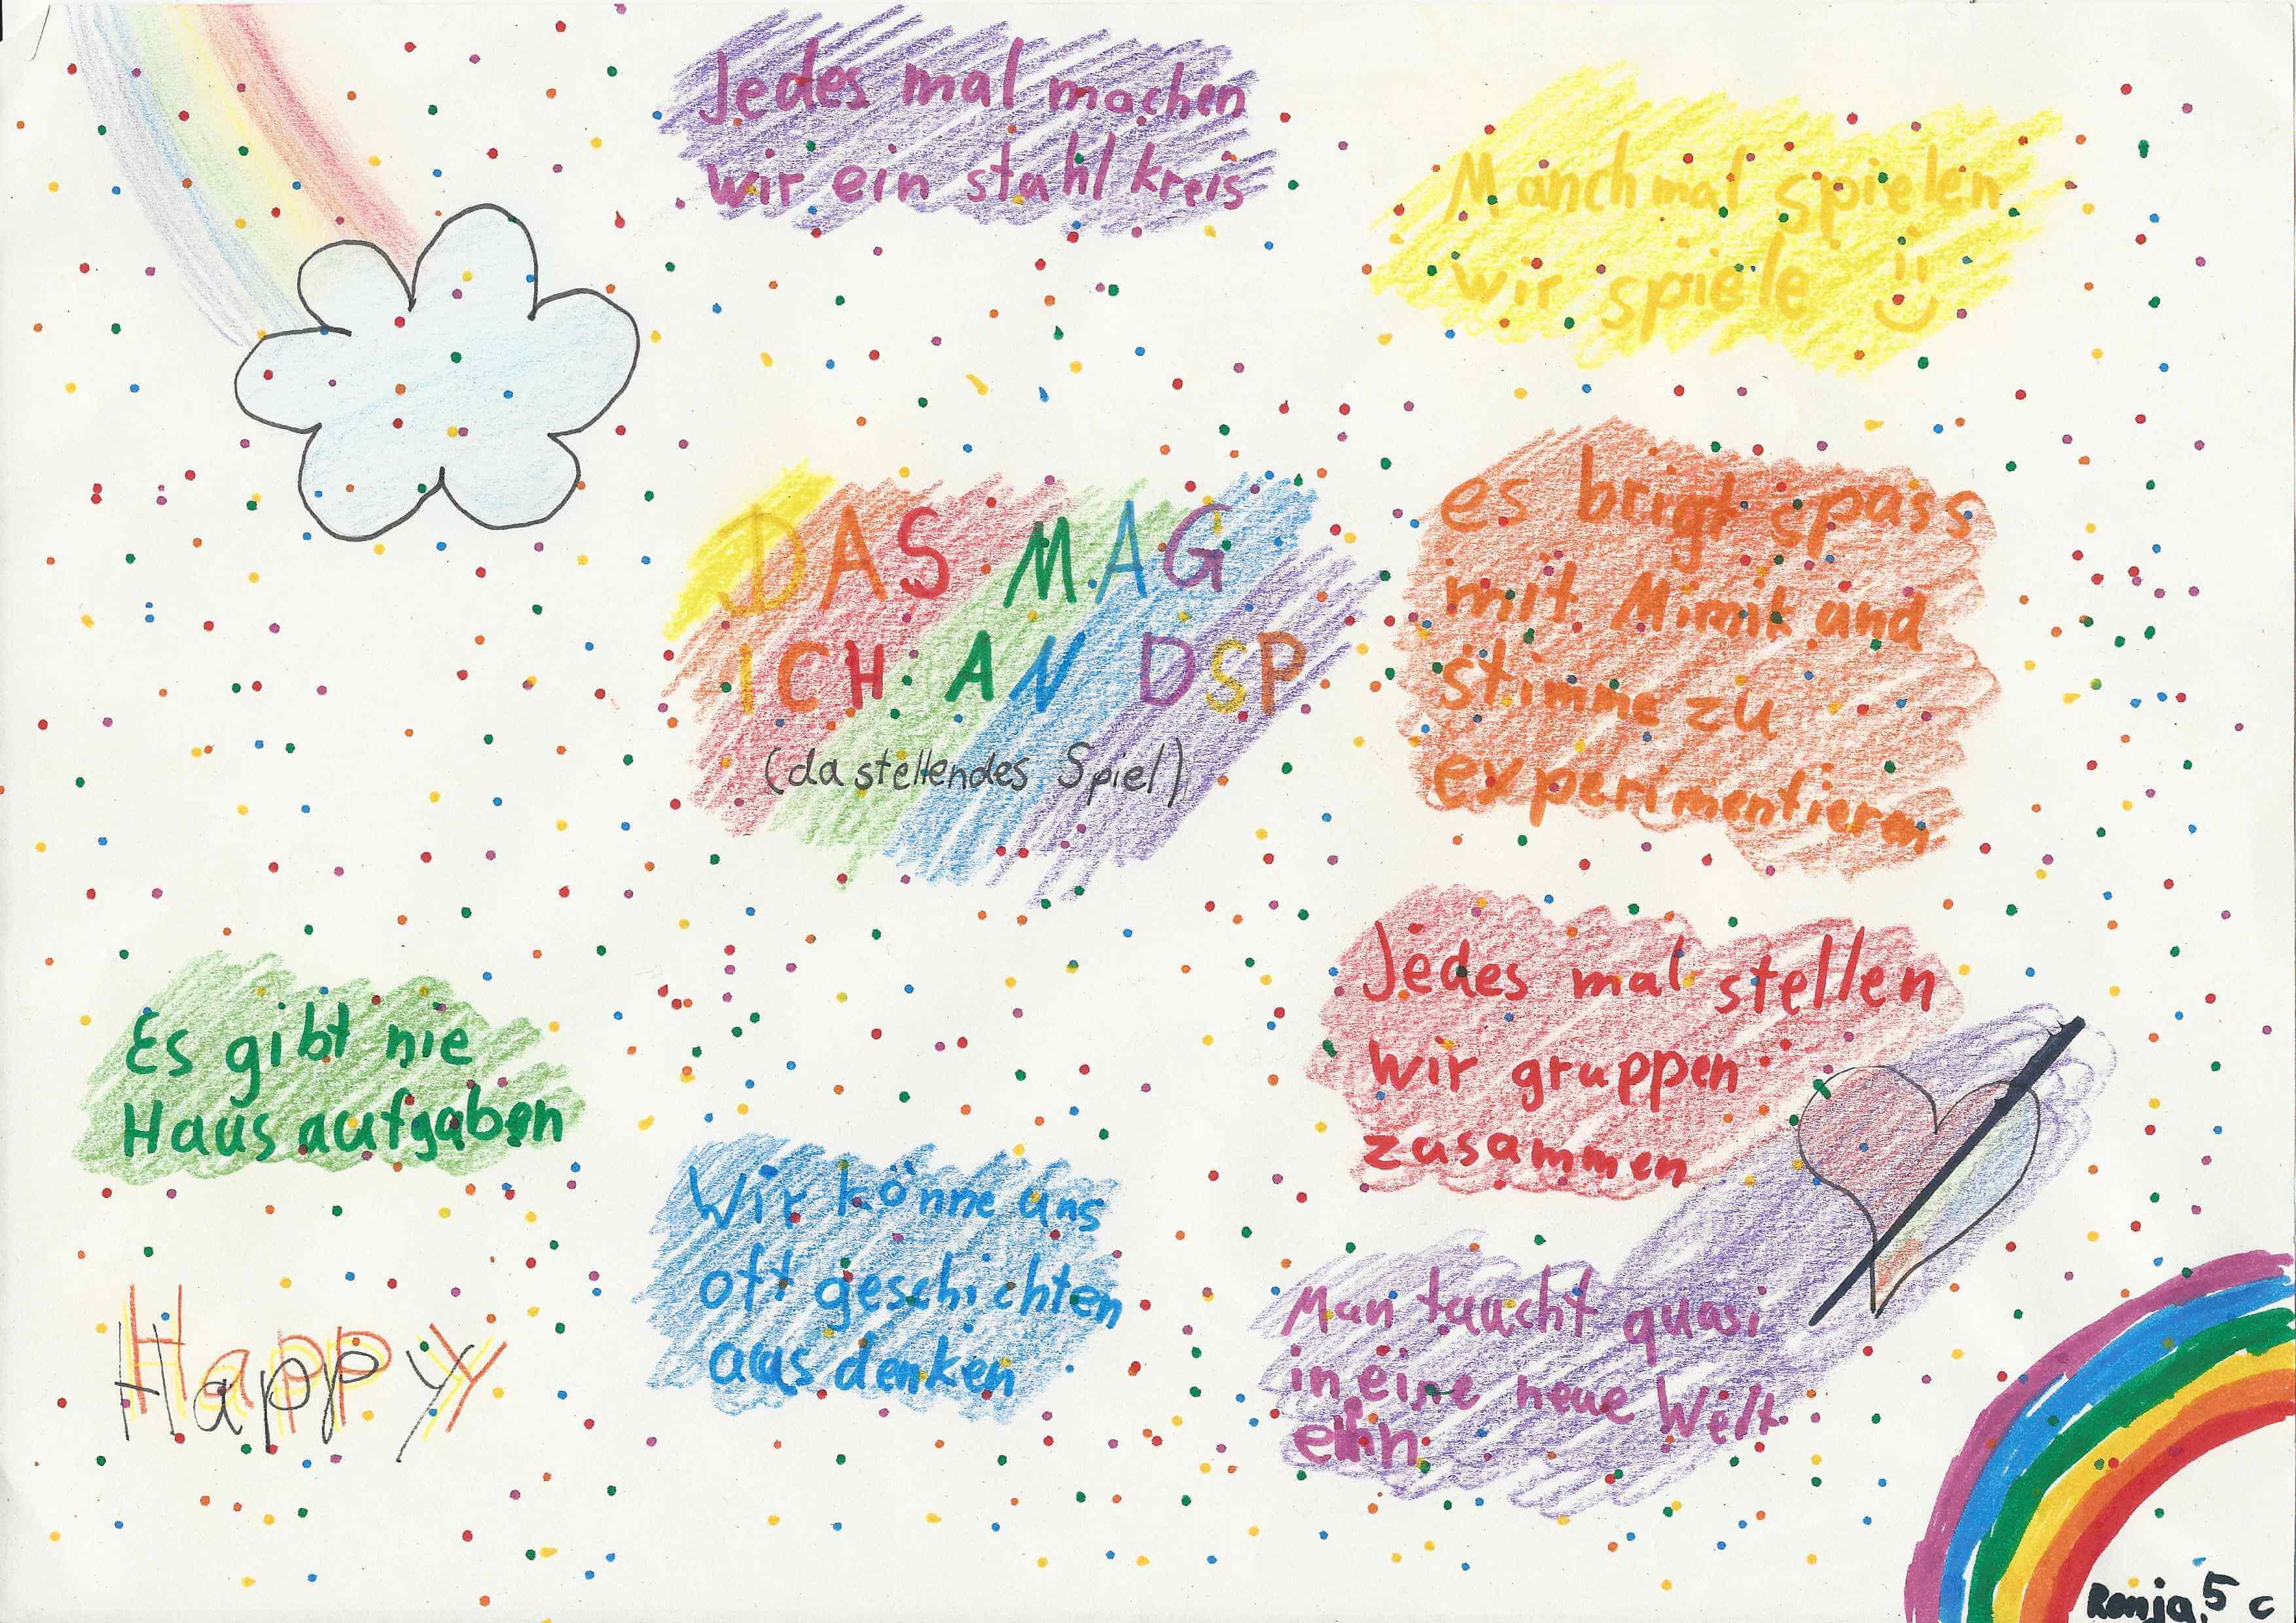 Das_mag_ich_am_DSP-Unterricht2-1.jpg?auto=compress,format&colorquant=1600